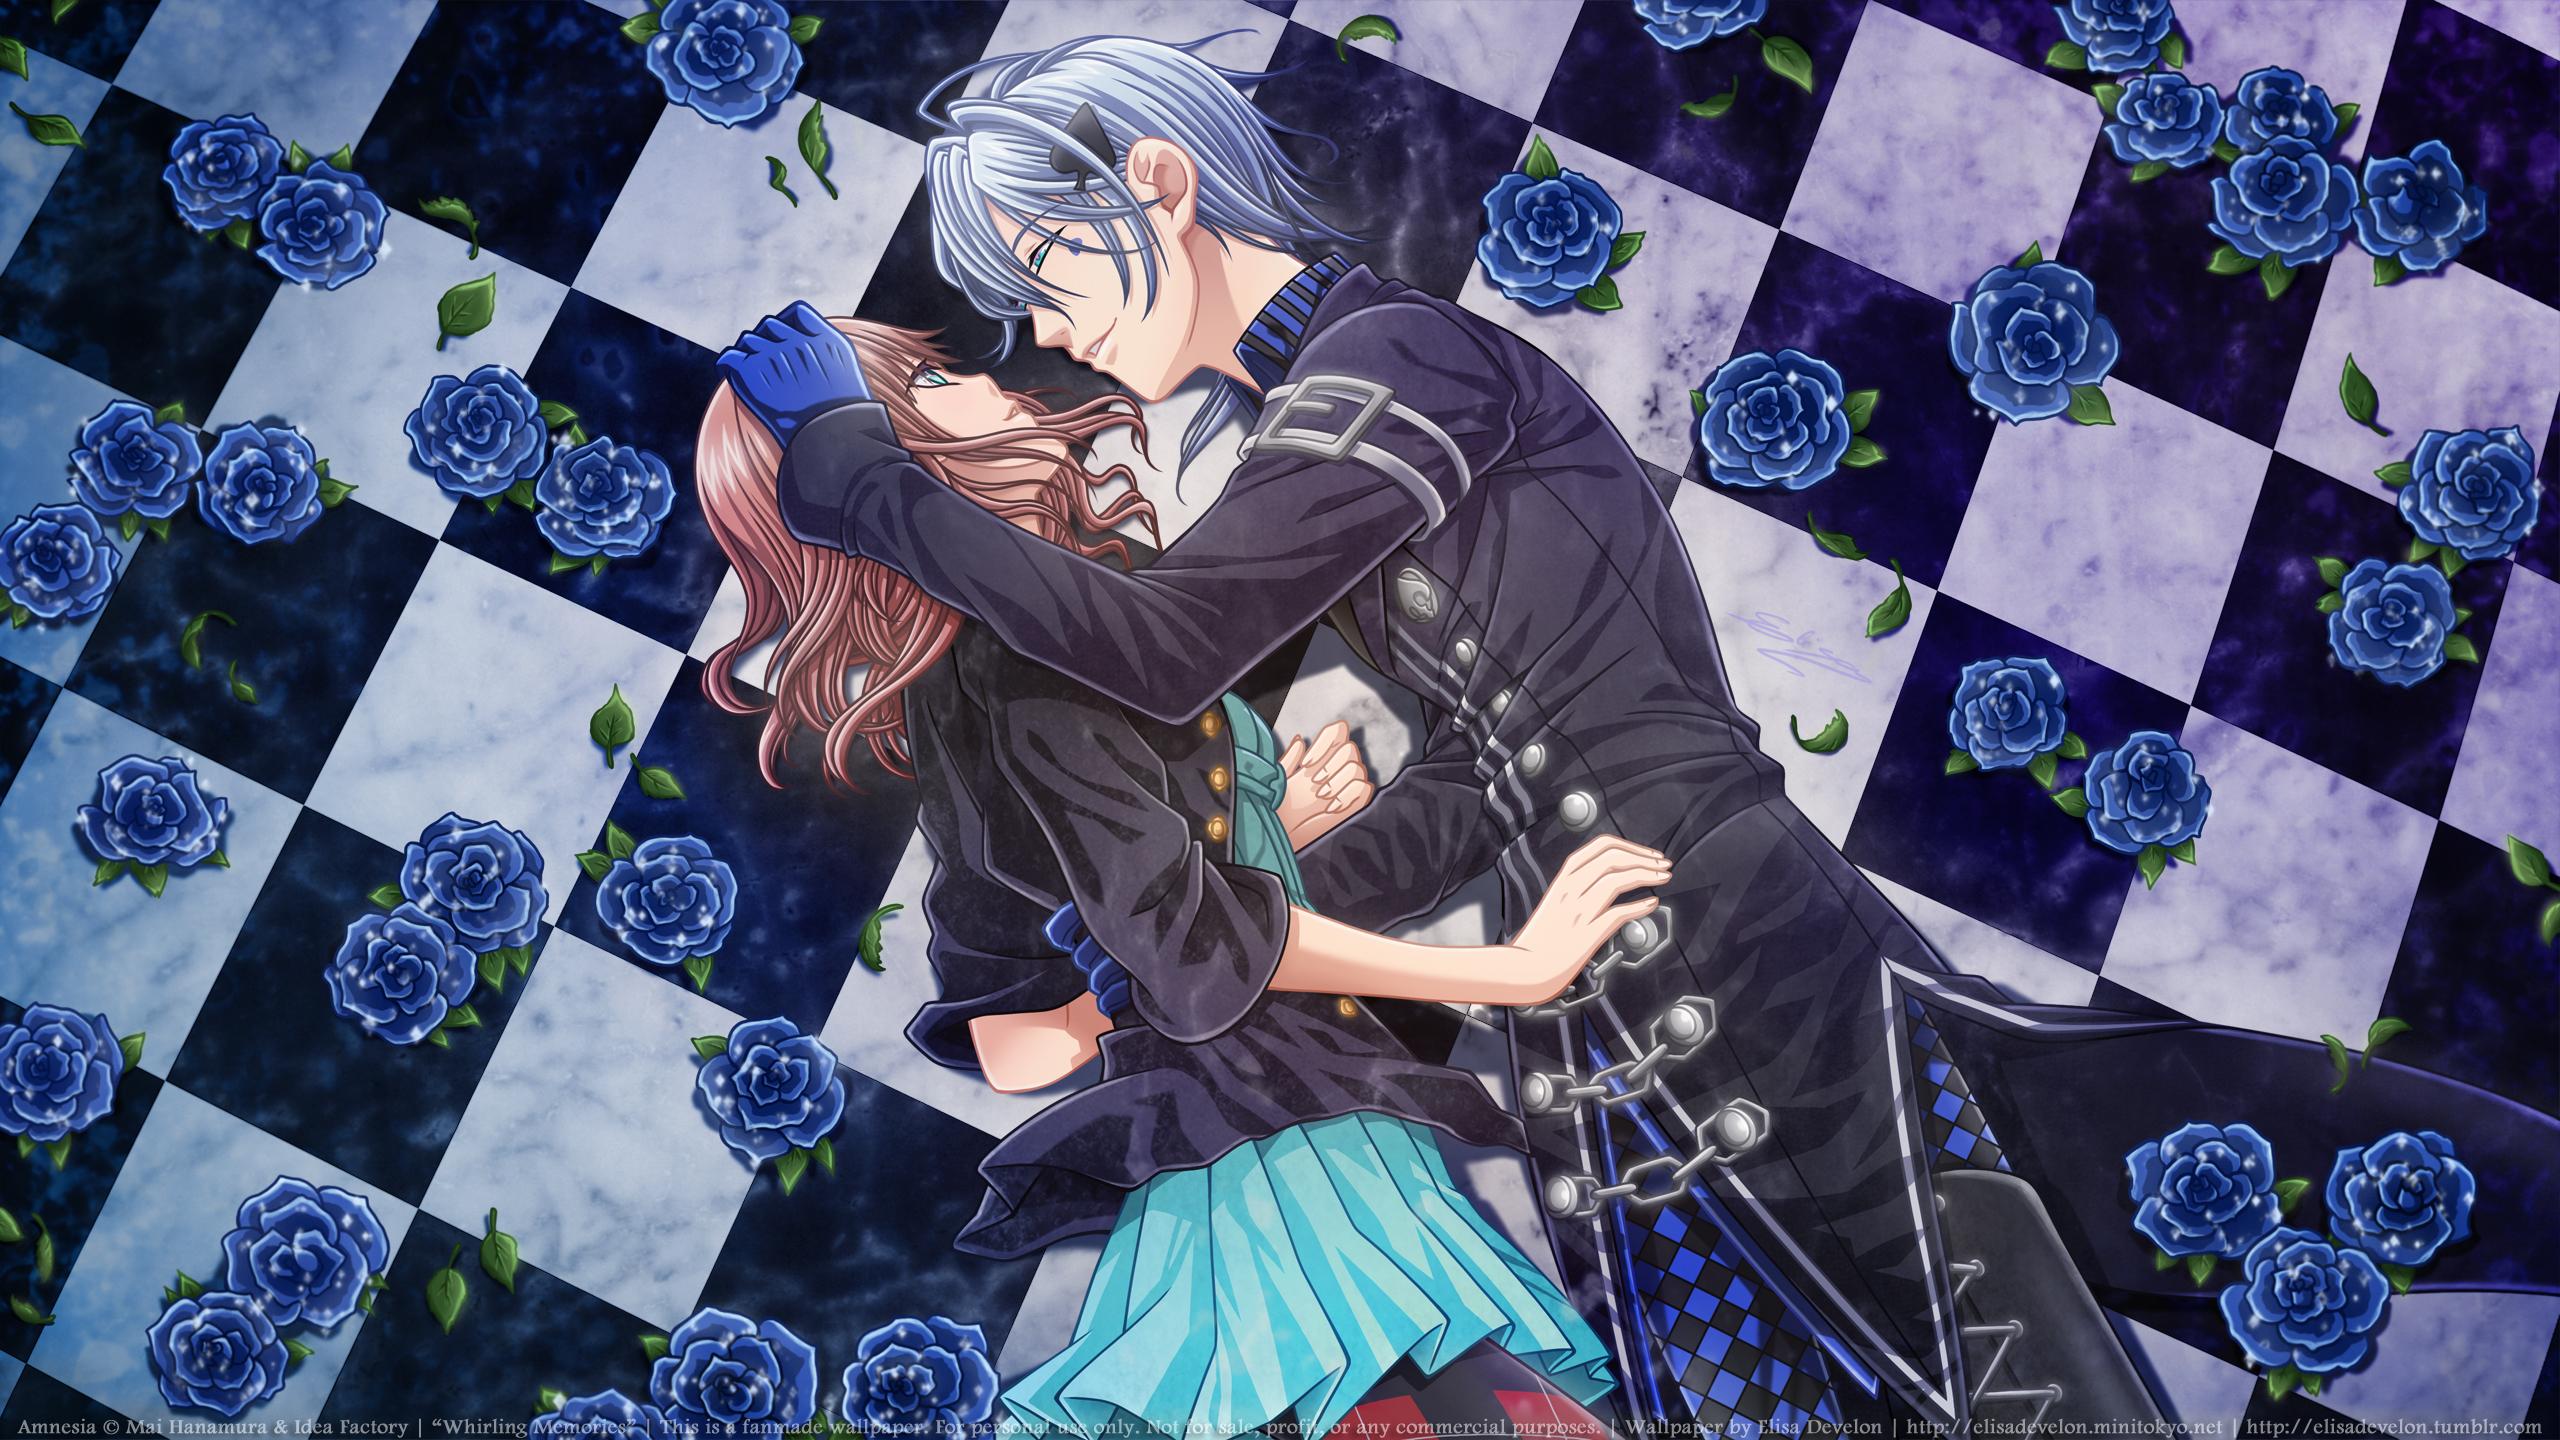 Anime Amnesia Wallpaper Resolution 2560x1440 Id 525779 Wallha Com